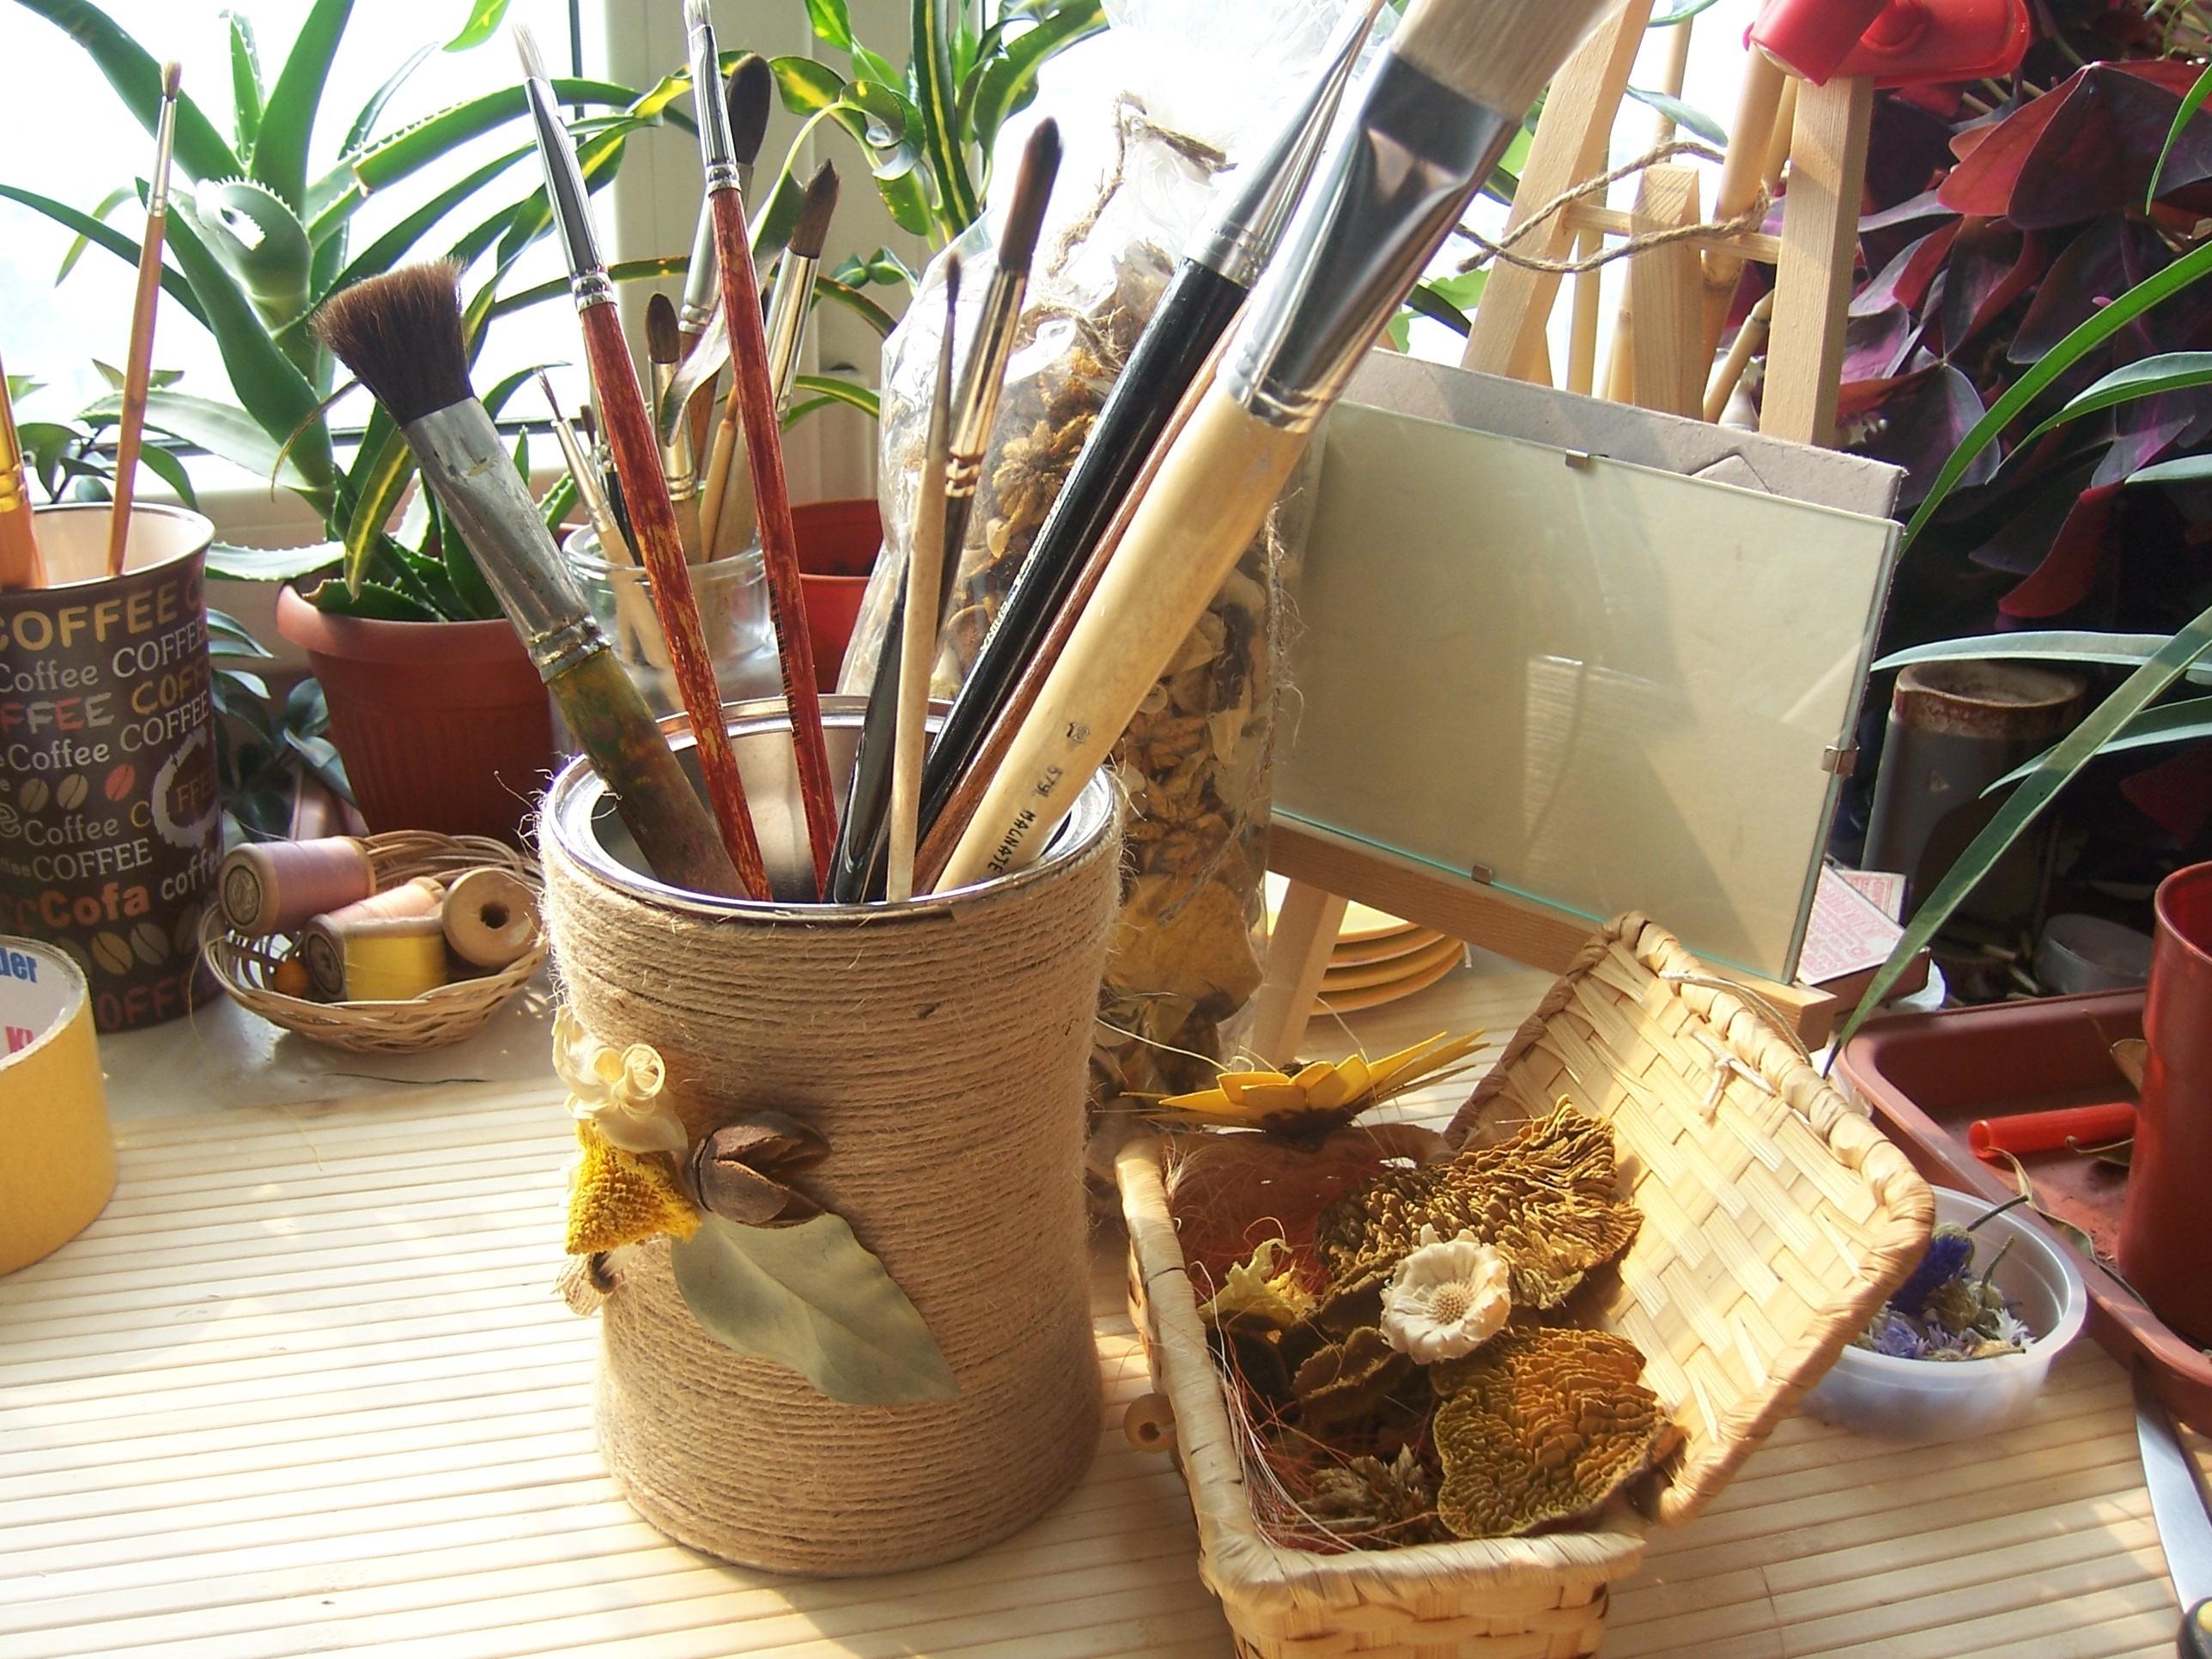 Удобные контейнеры для разной мелочи, канцелярии, сыпучих продуктов, туалетных принадлежностей получаются из жестяных банок из-под чая, кофе.